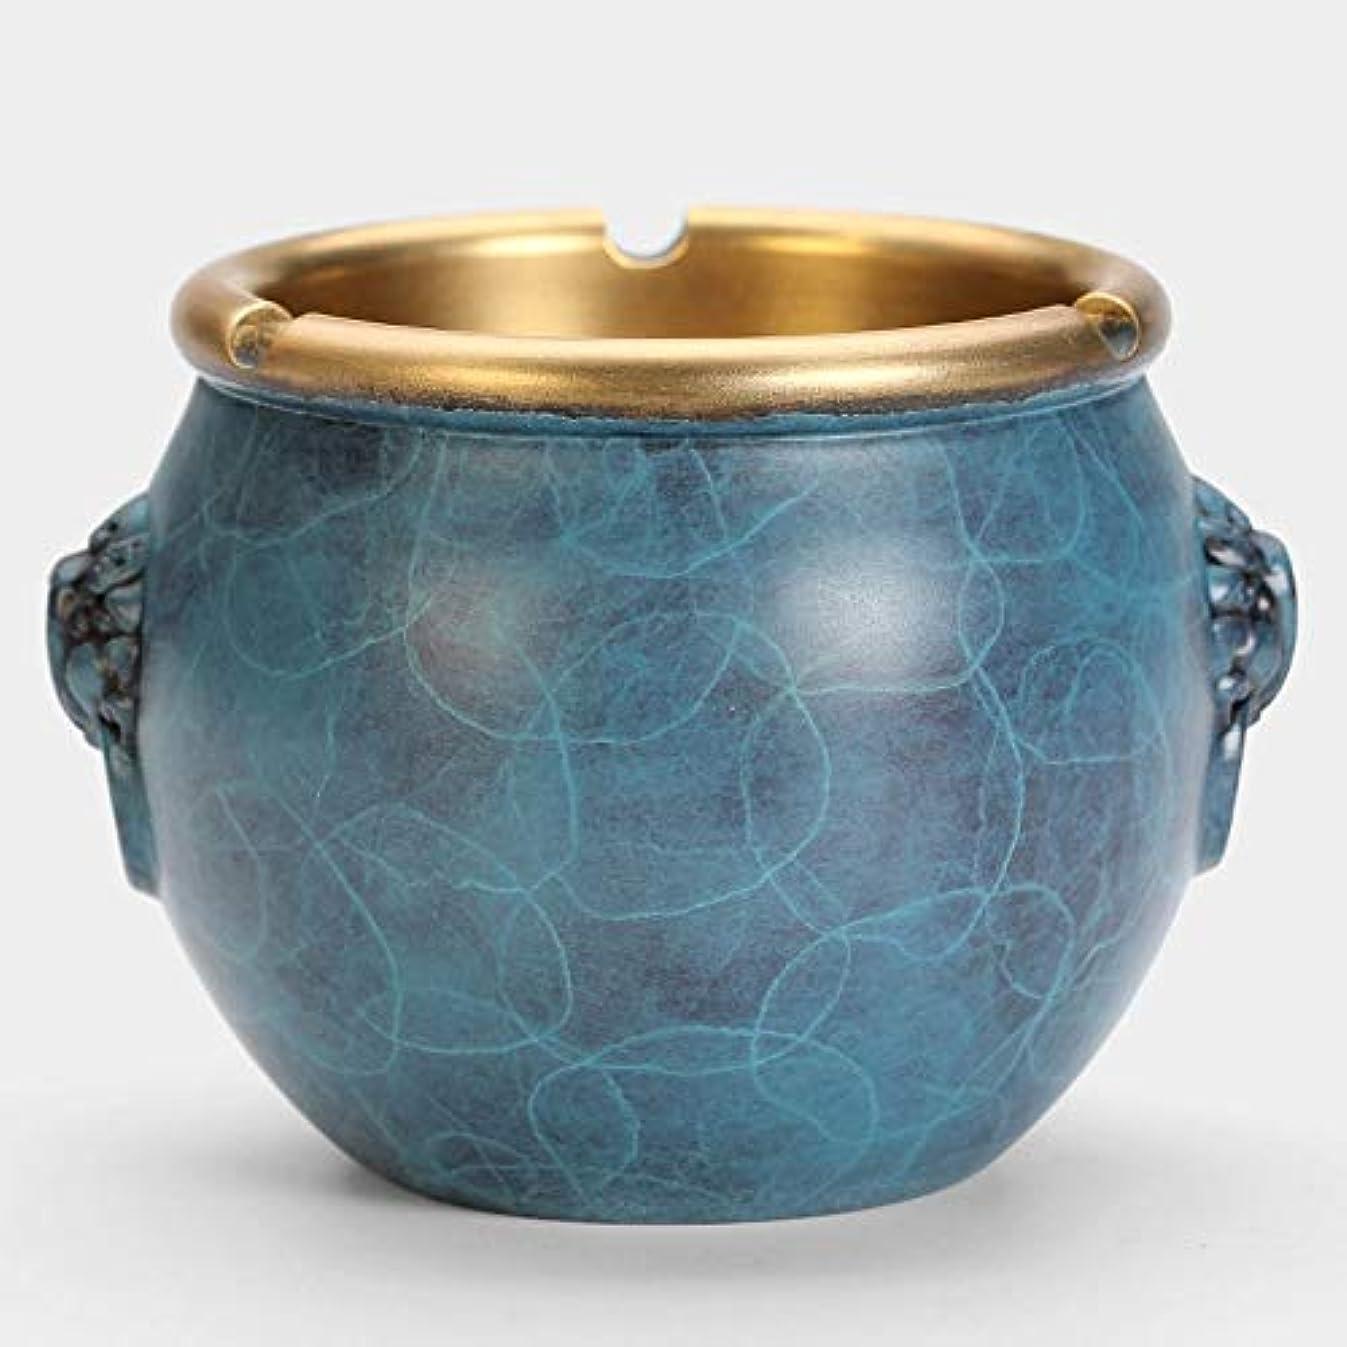 周り二クレア灰皿クリエイティブ純銅灰皿 (色 : 青)